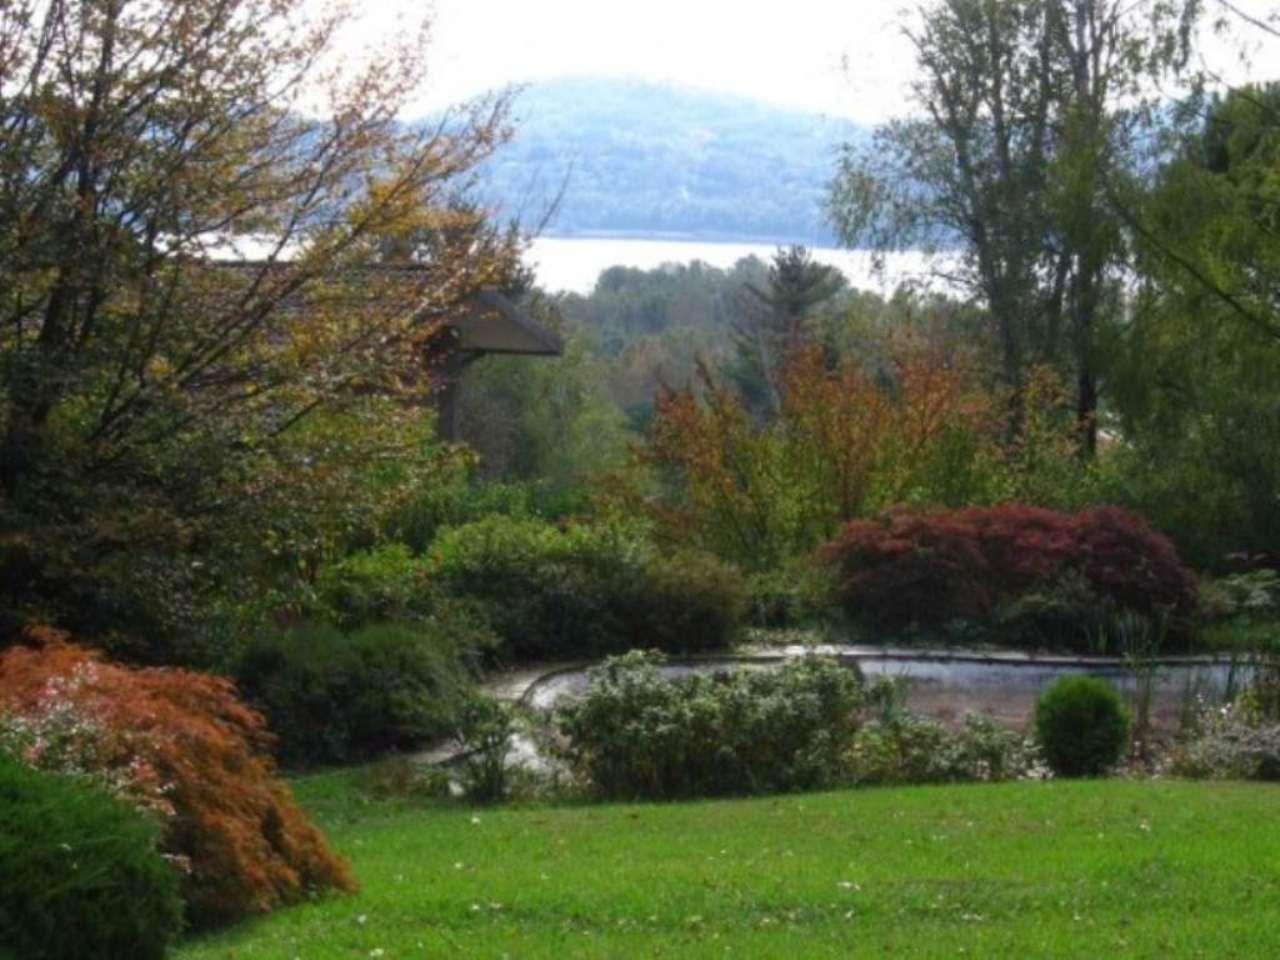 Villa in vendita a Varese, 6 locali, prezzo € 800.000 | Cambio Casa.it